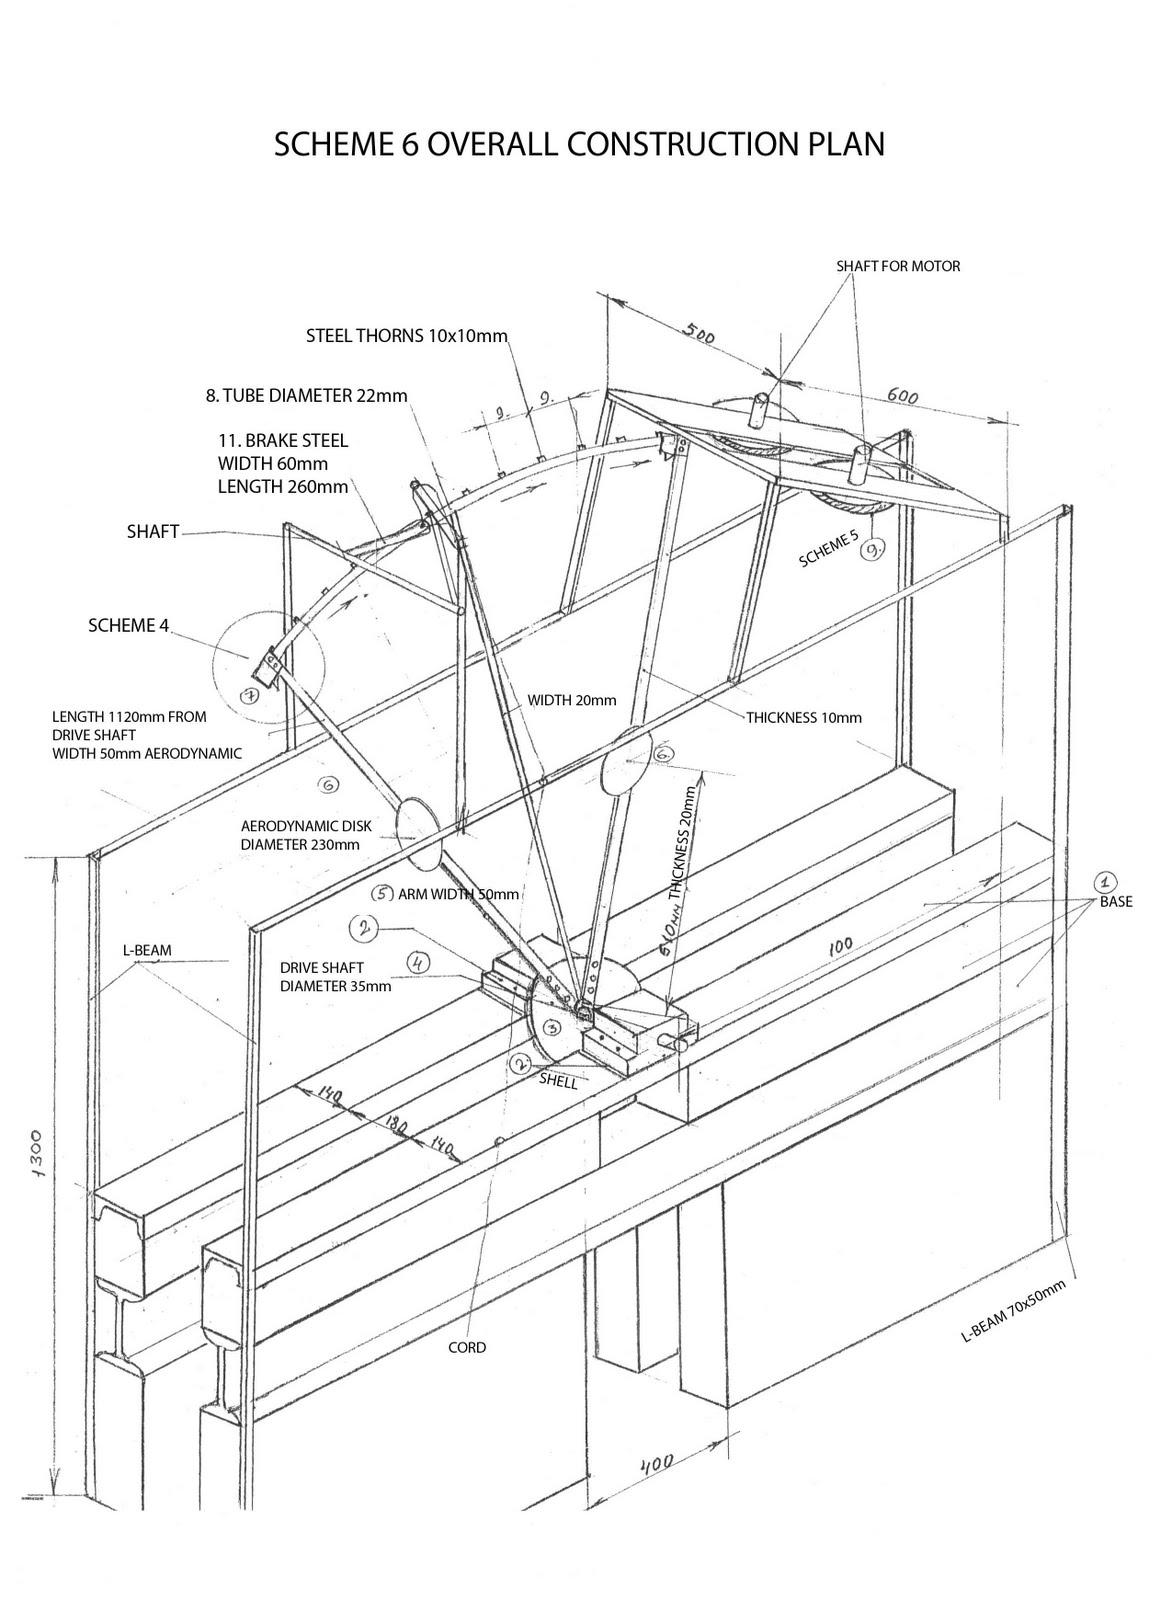 investigaciones energ as libres y otros sistemas 1959 Ford Taunus por ltimo un v deo muy interesante